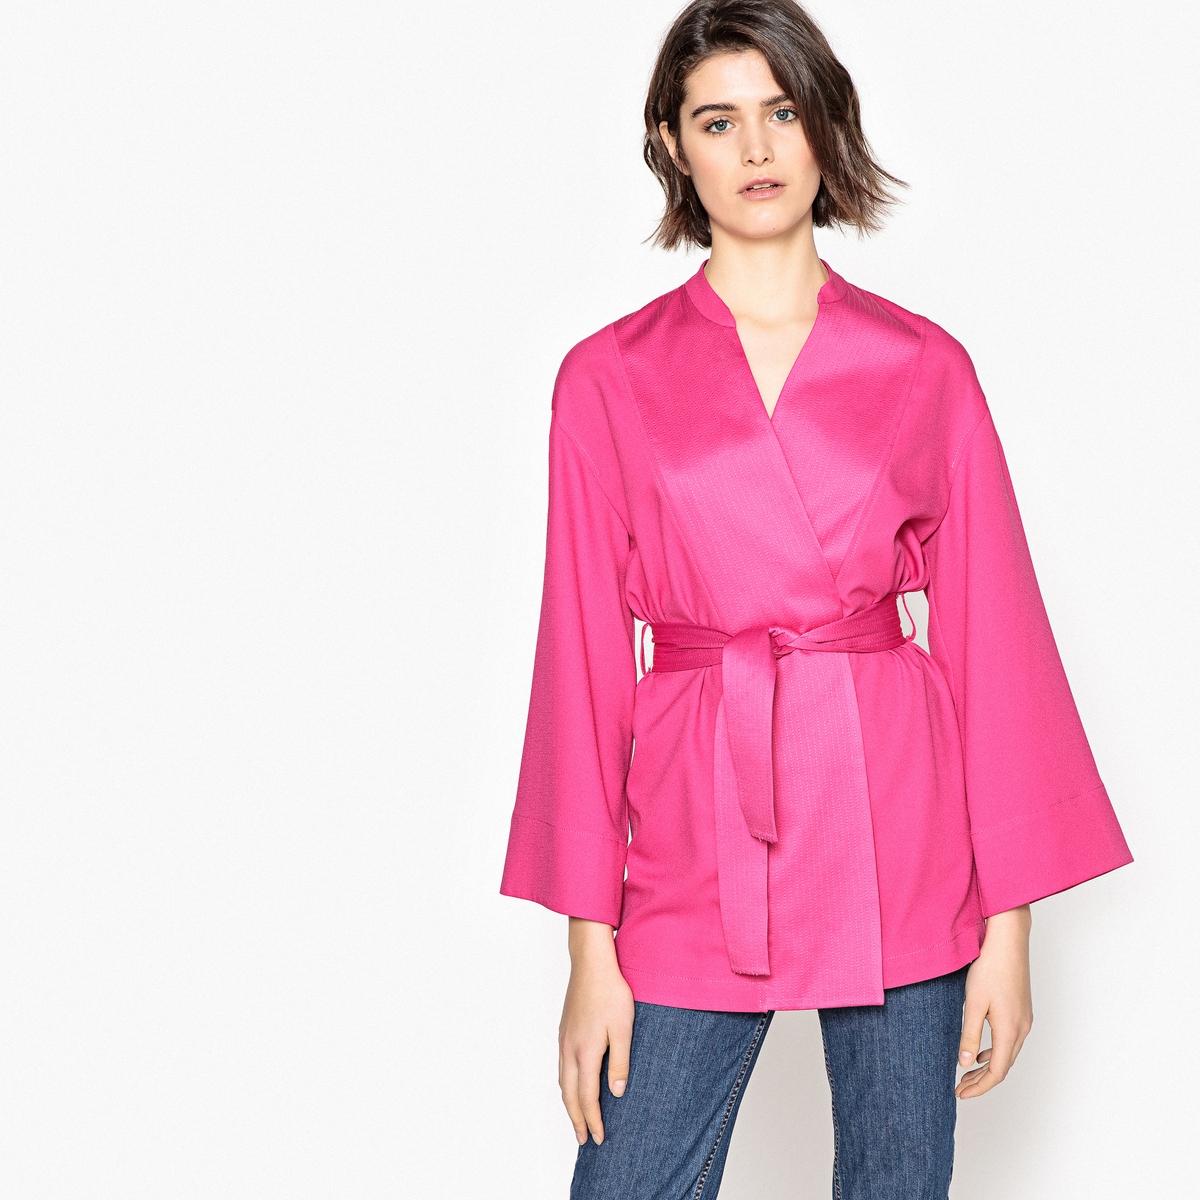 Кимоно La Redoute Средней длины 34 (FR) - 40 (RUS) розовый цена